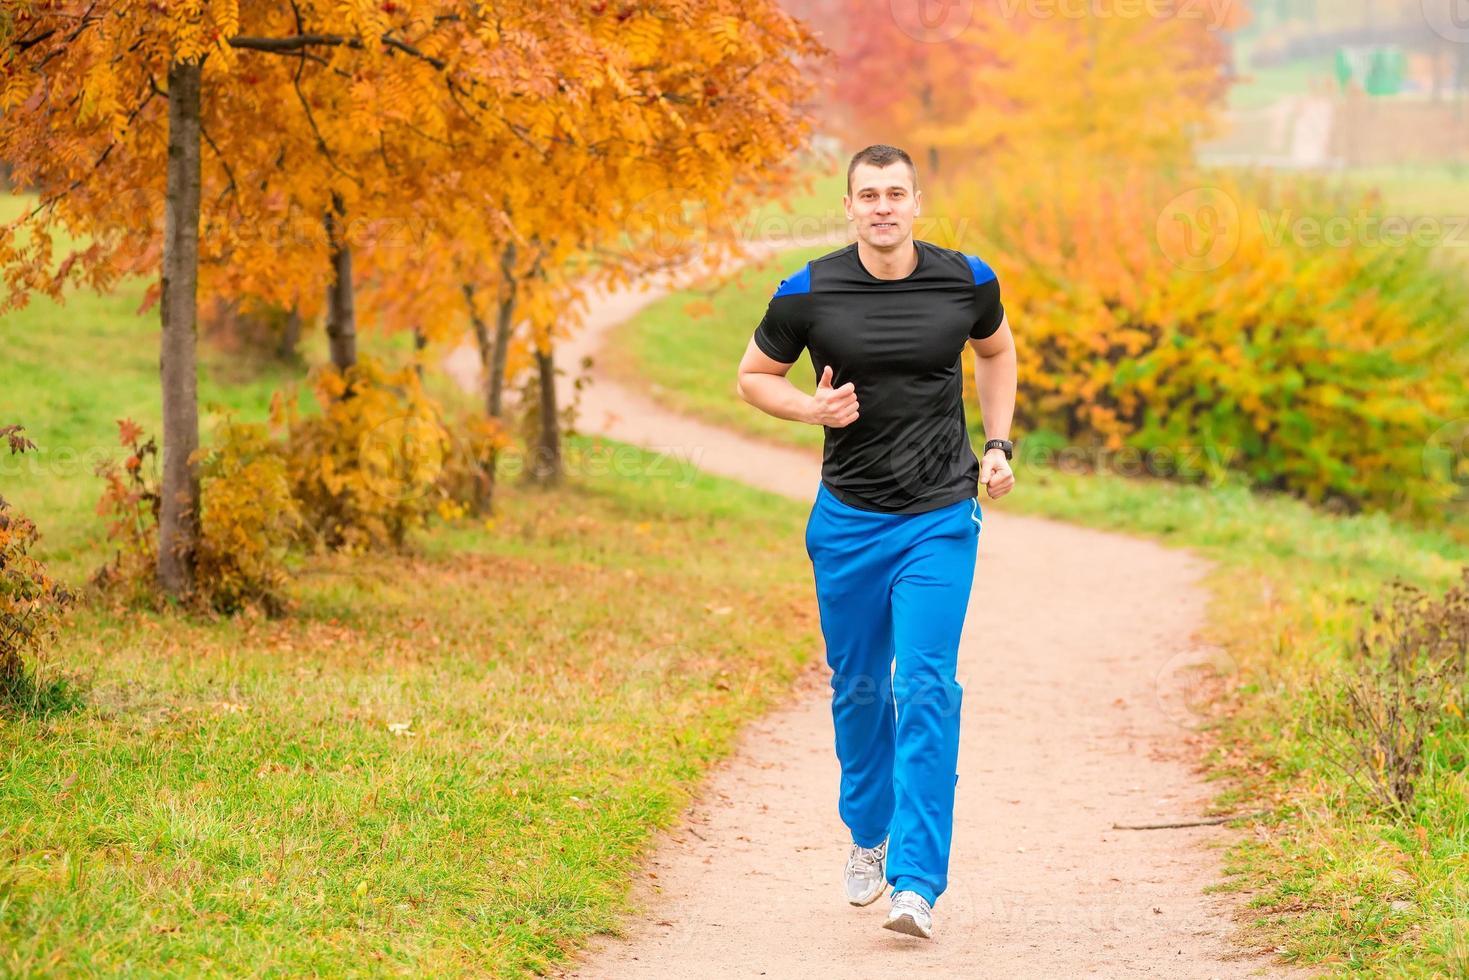 uomo atletico che corre nel parco su un sentiero foto